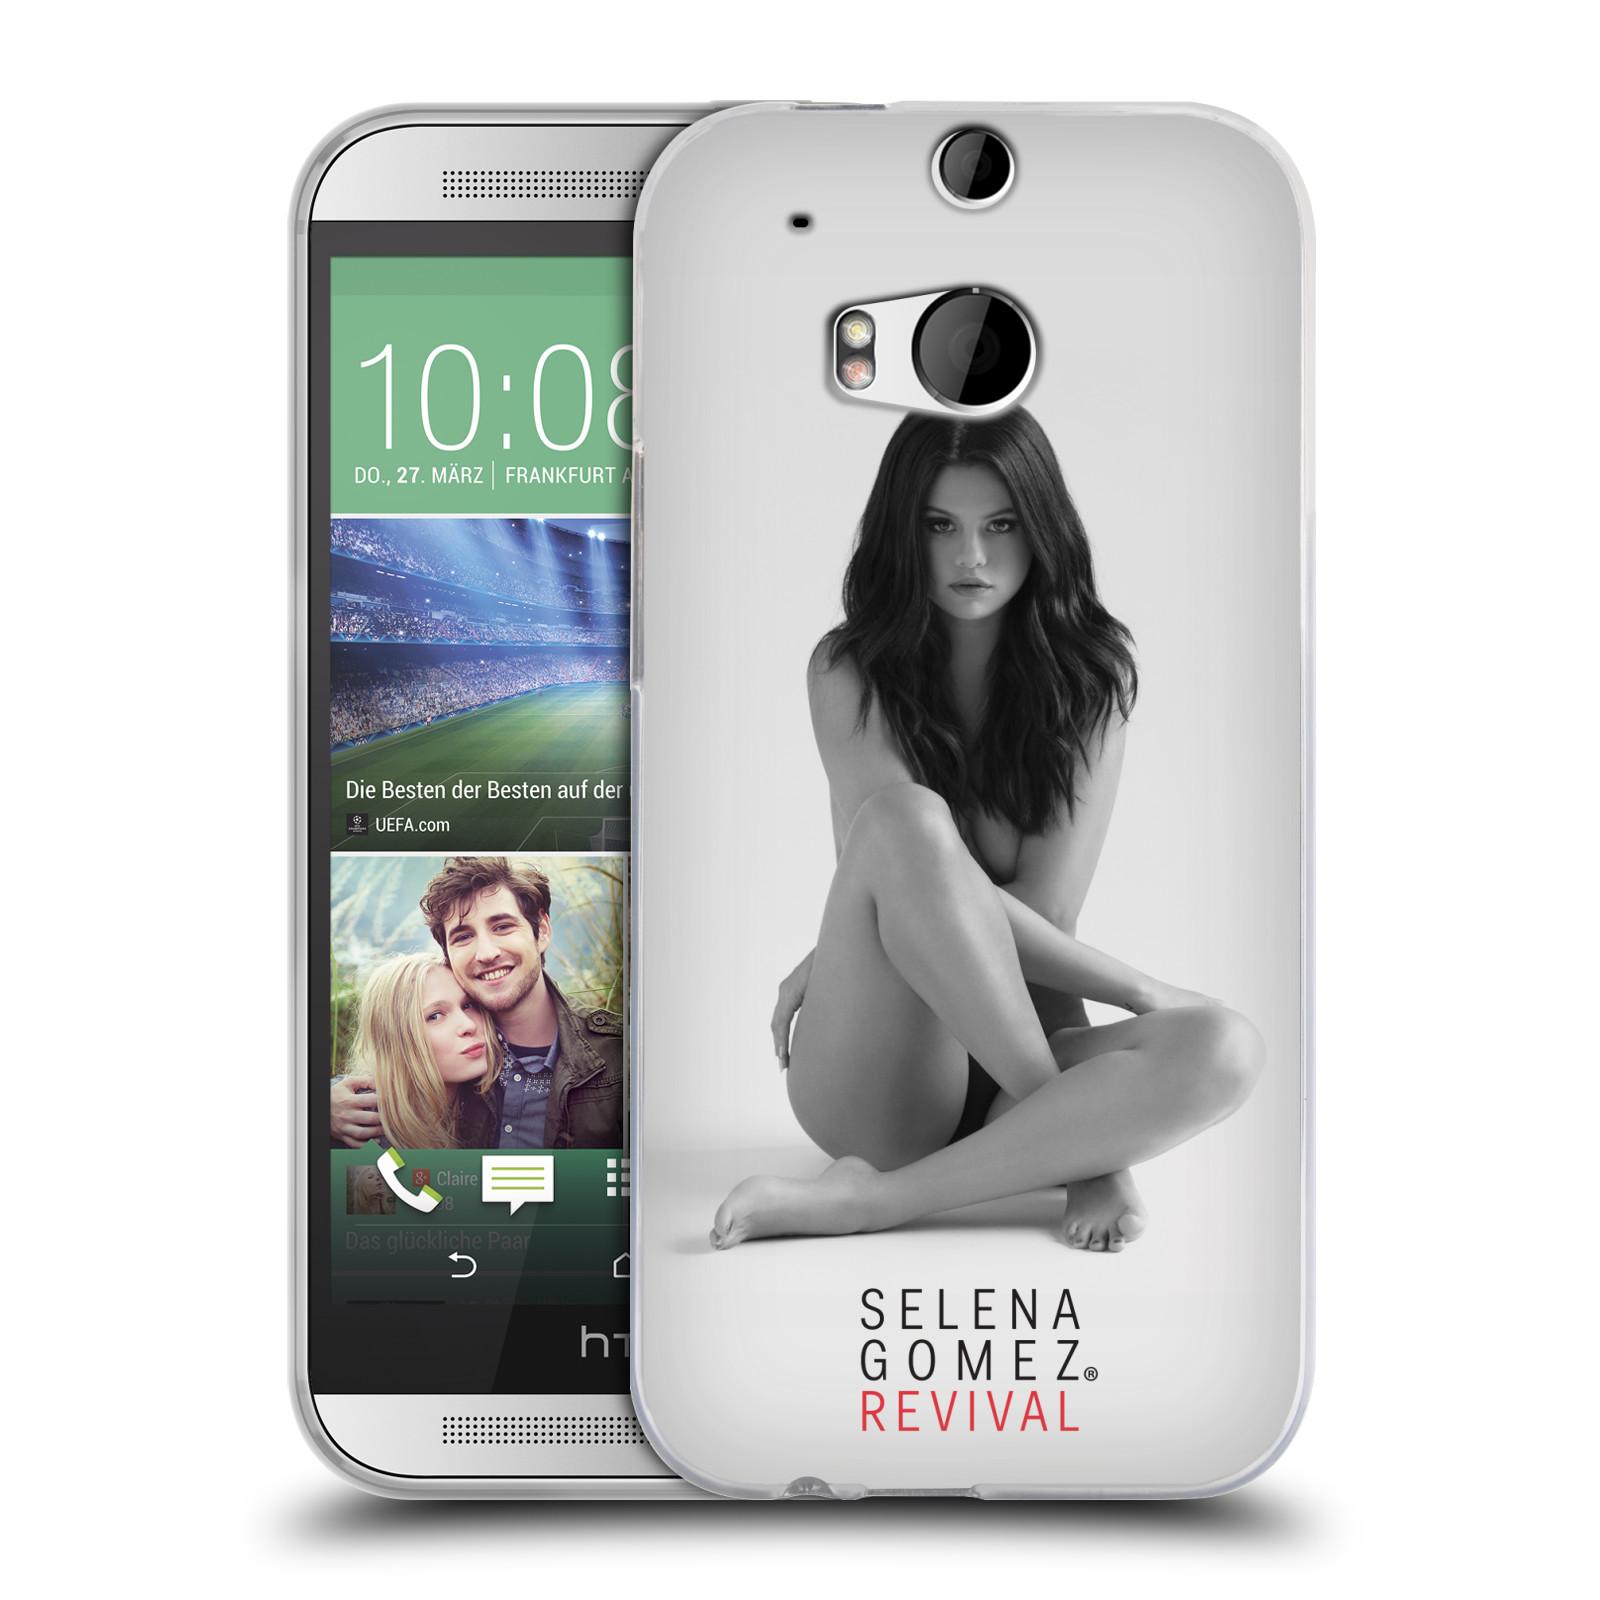 HEAD CASE silikonový obal na mobil HTC one M8 / M8s Zpěvačka Selena Gomez foto Revival